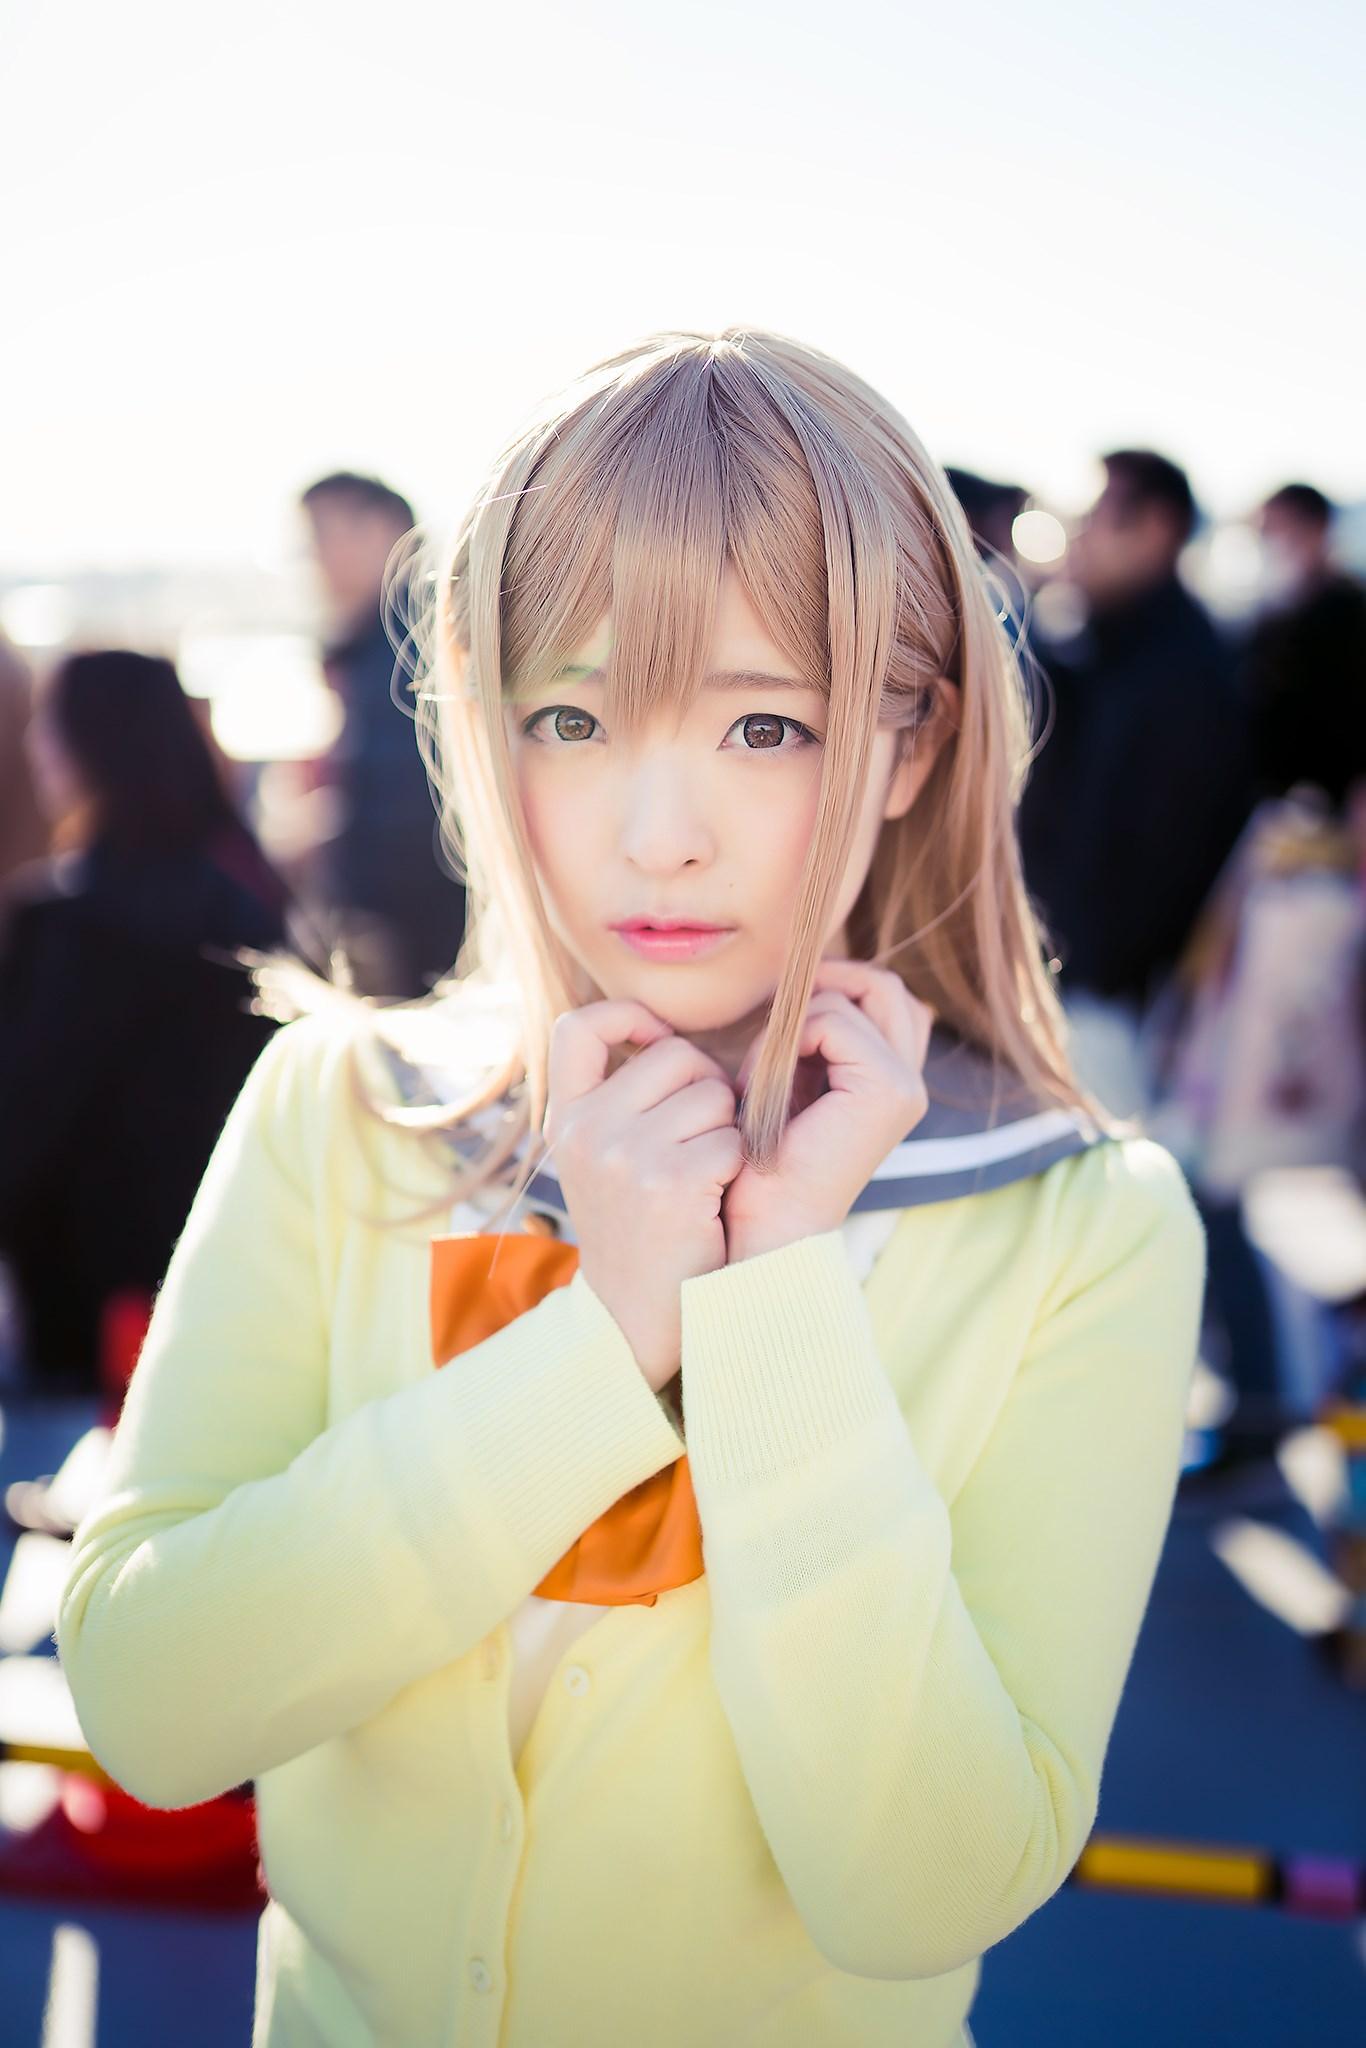 【兔玩映画】阳光与少女 兔玩映画 第7张